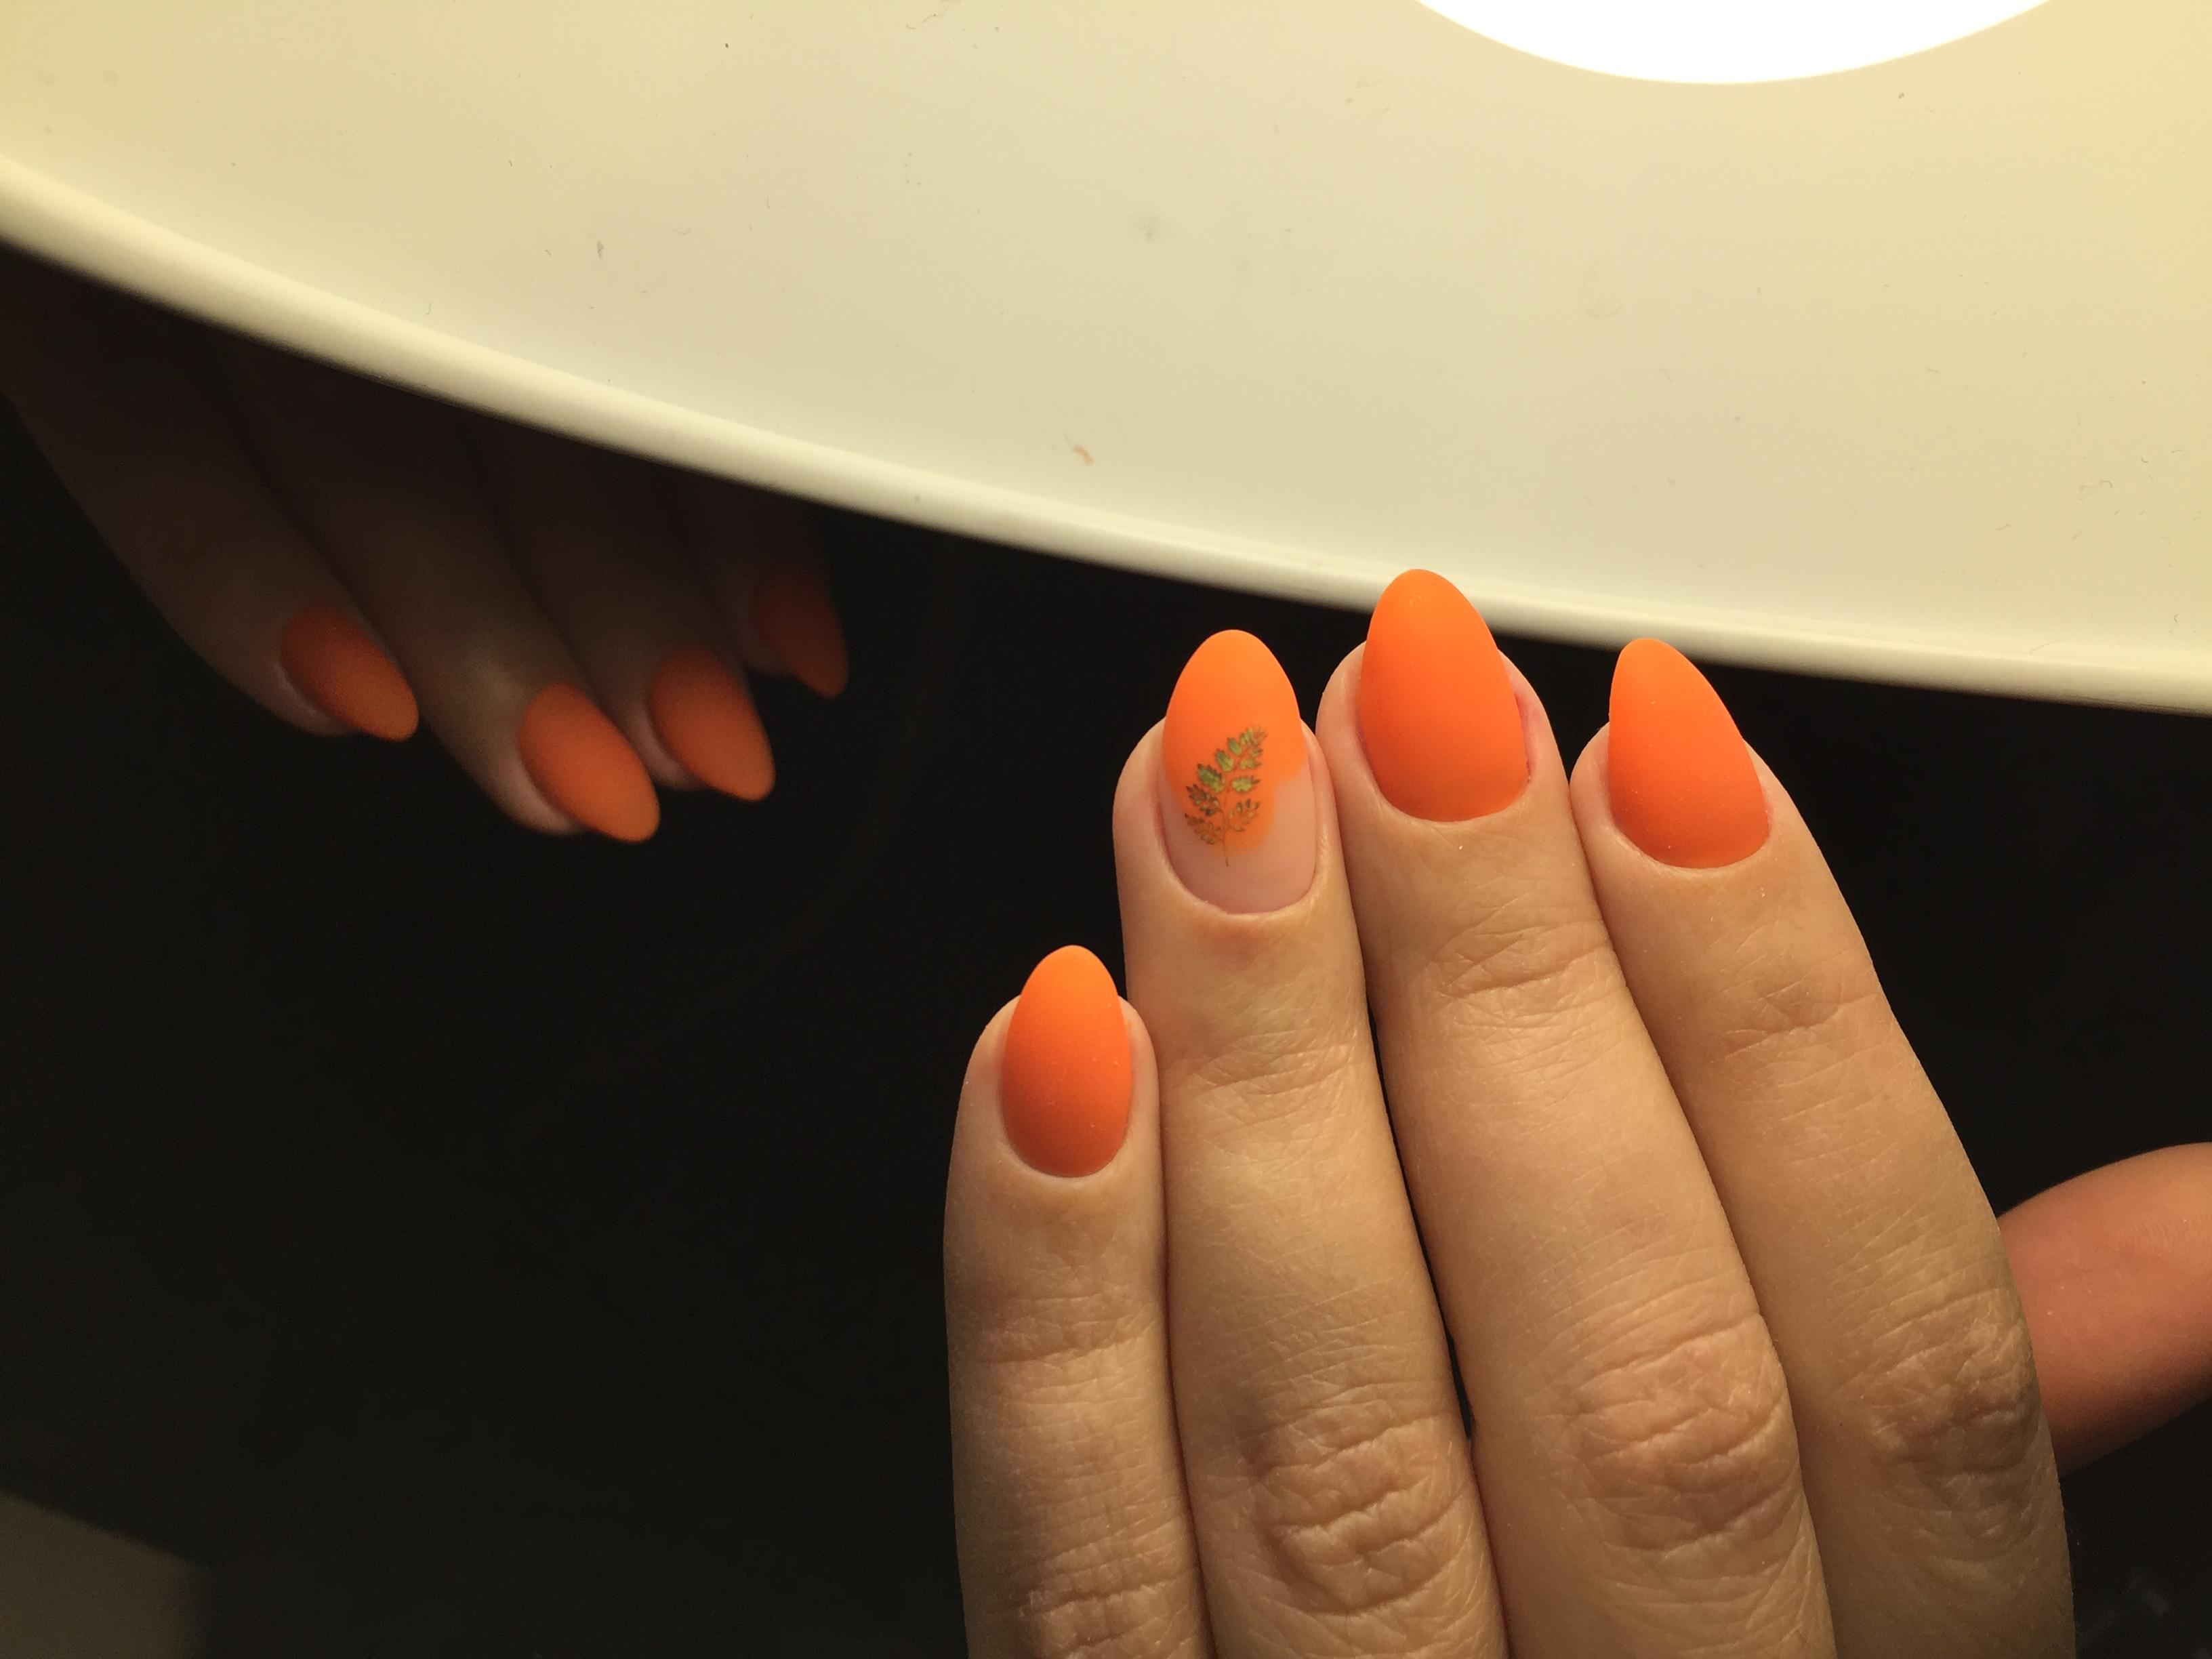 Матовый маникюр с растительным рисунком в оранжевом цвете на короткие ногти.